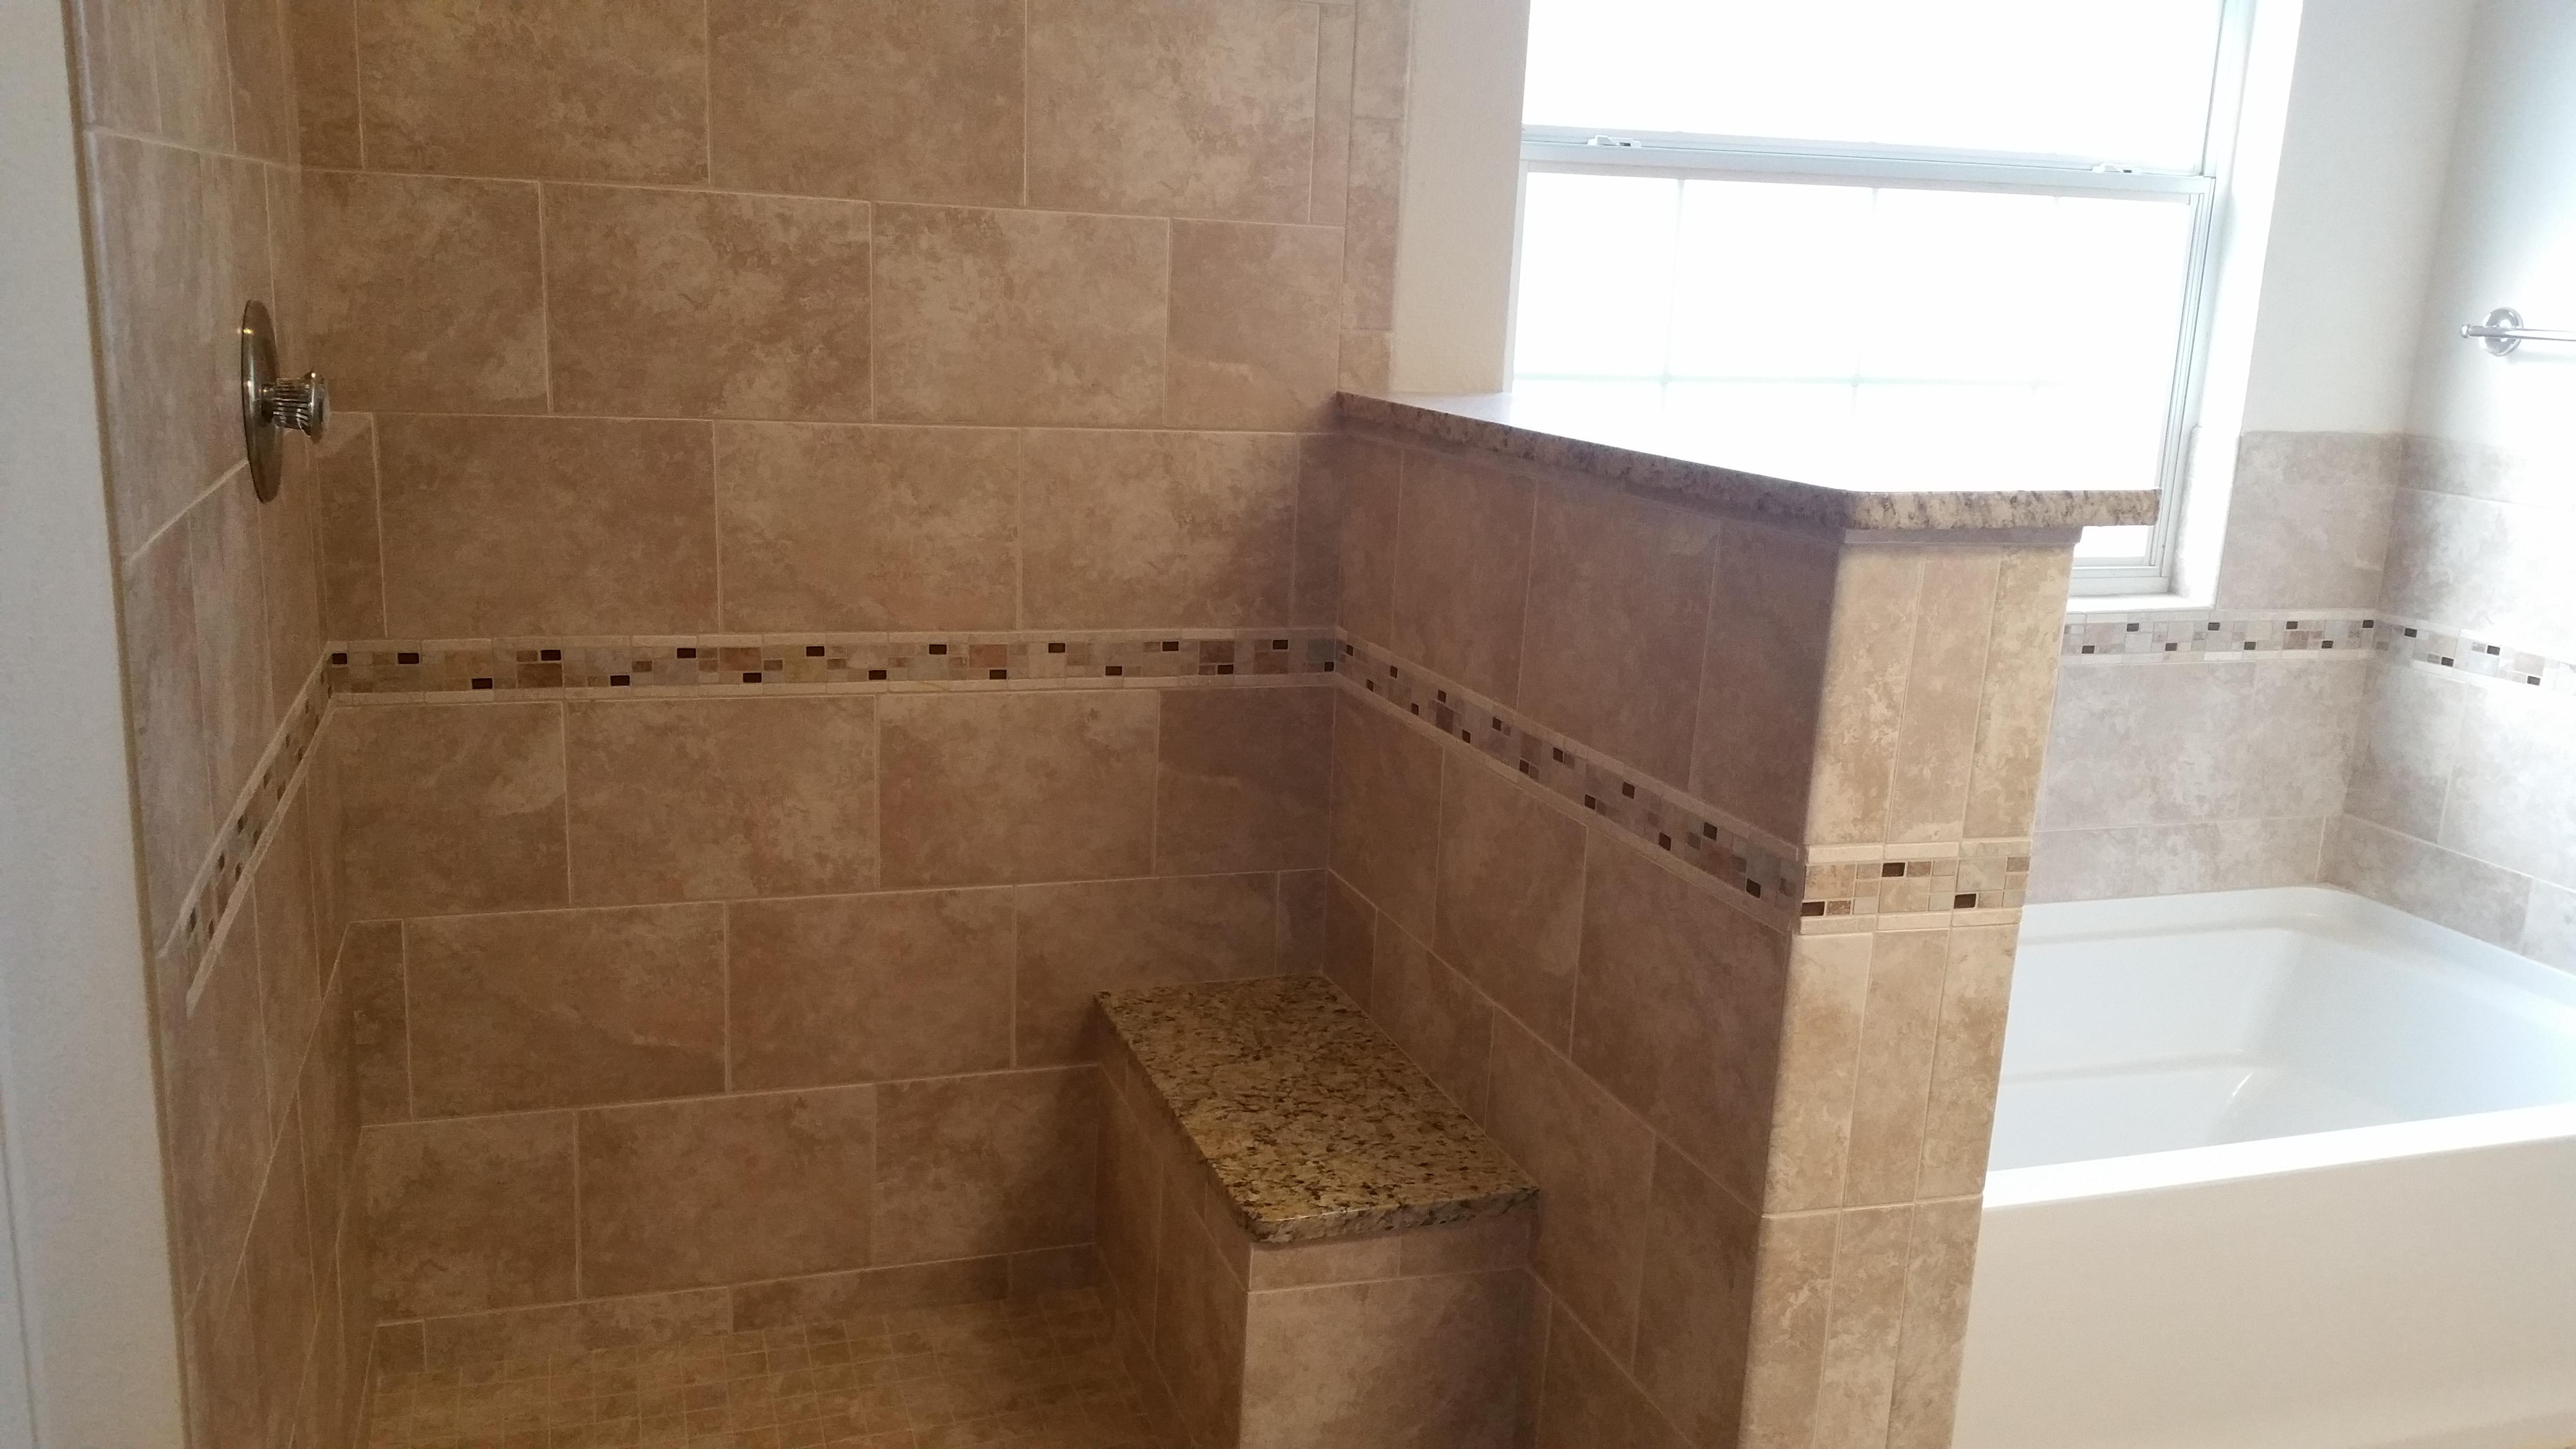 Bathroom Remodel San Antonio omg kitchen & bath remodeling - member - san antonio, tx 78217